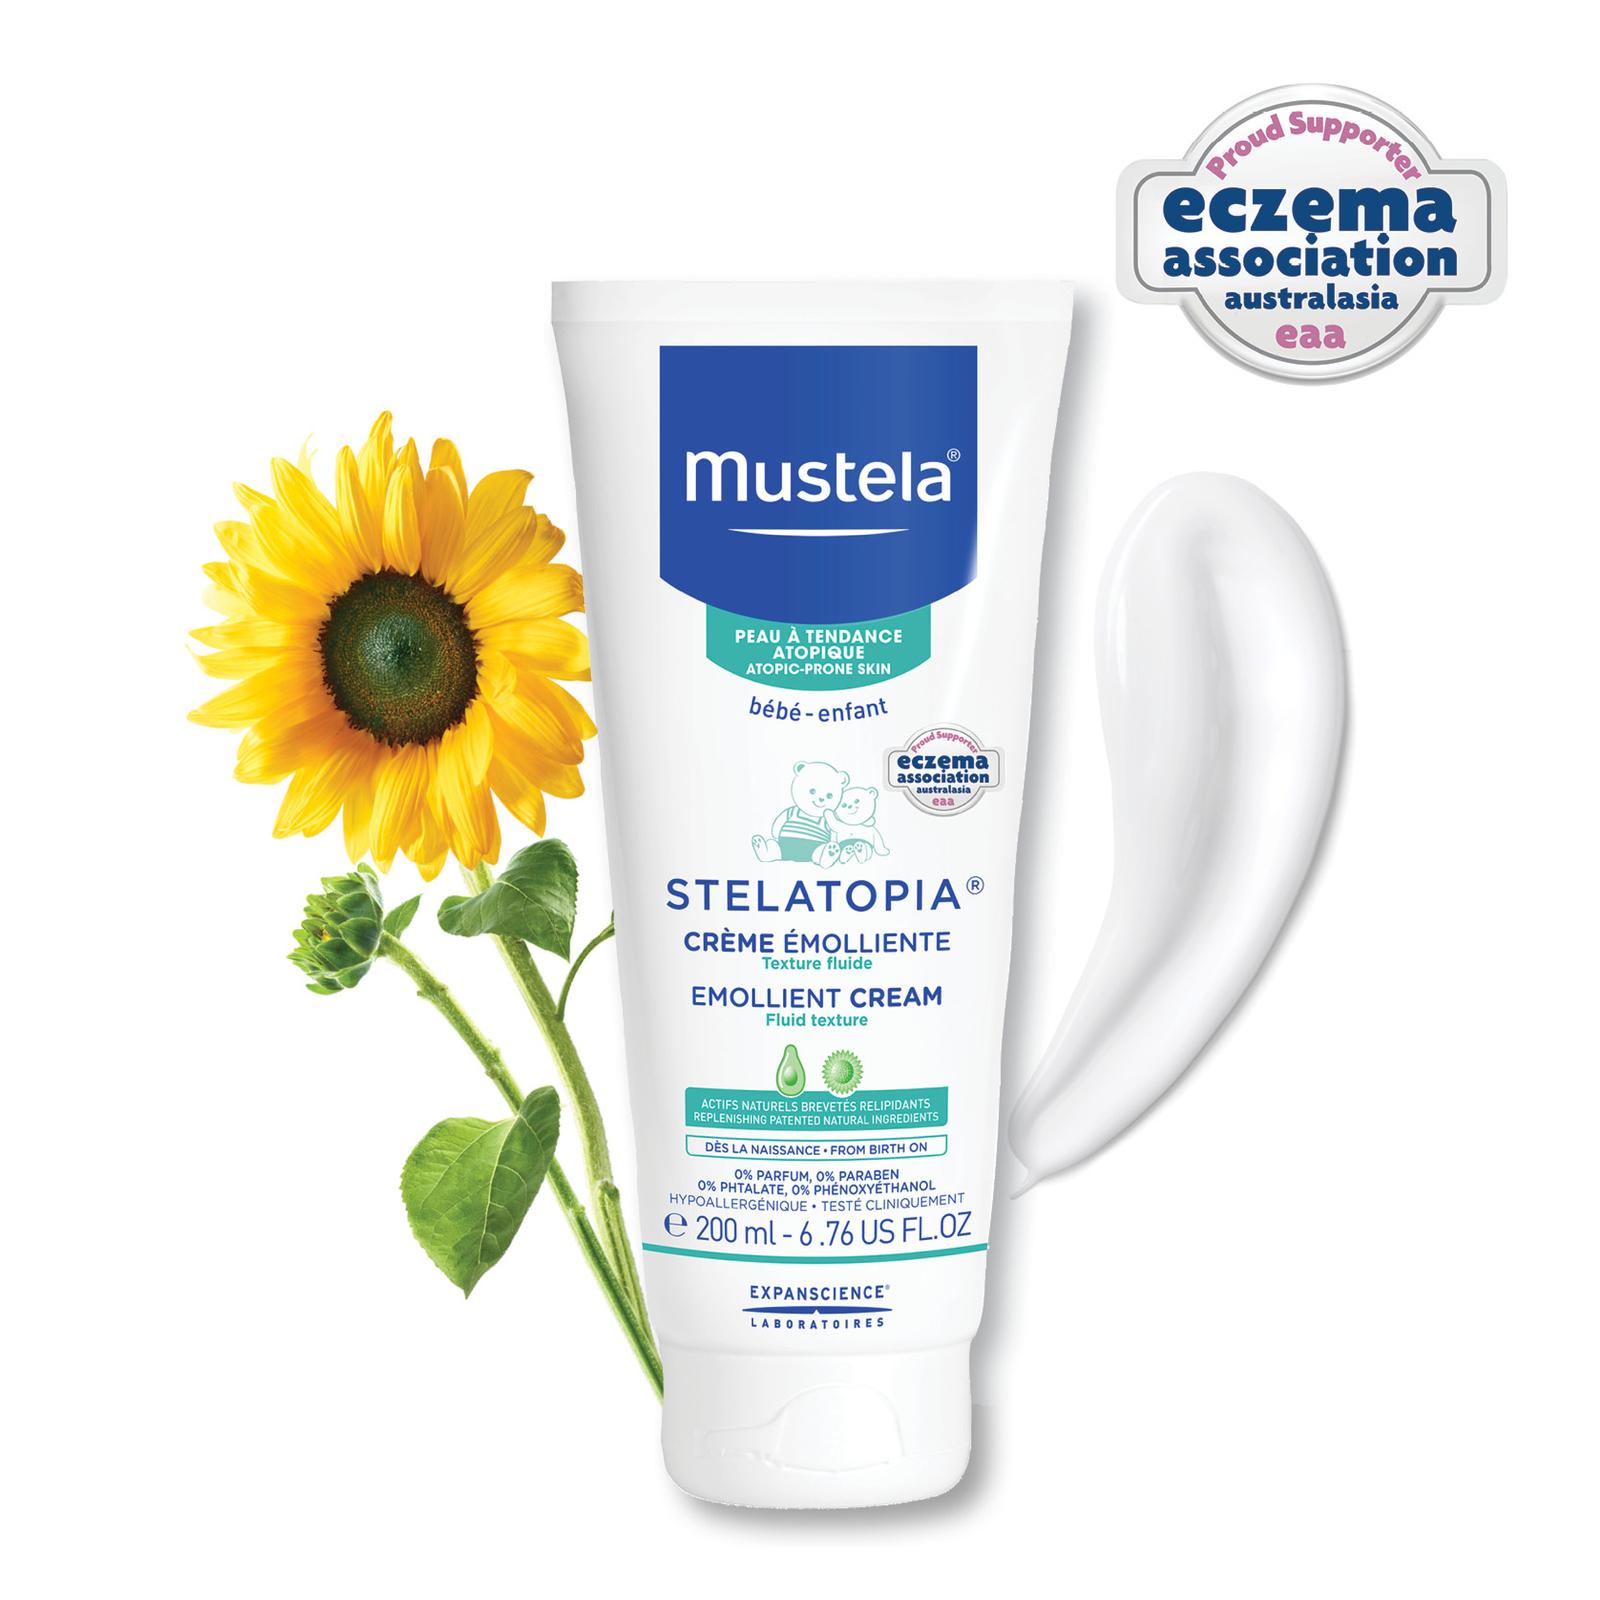 Mustela: Stelatopia Emollient Cream - 200ml image